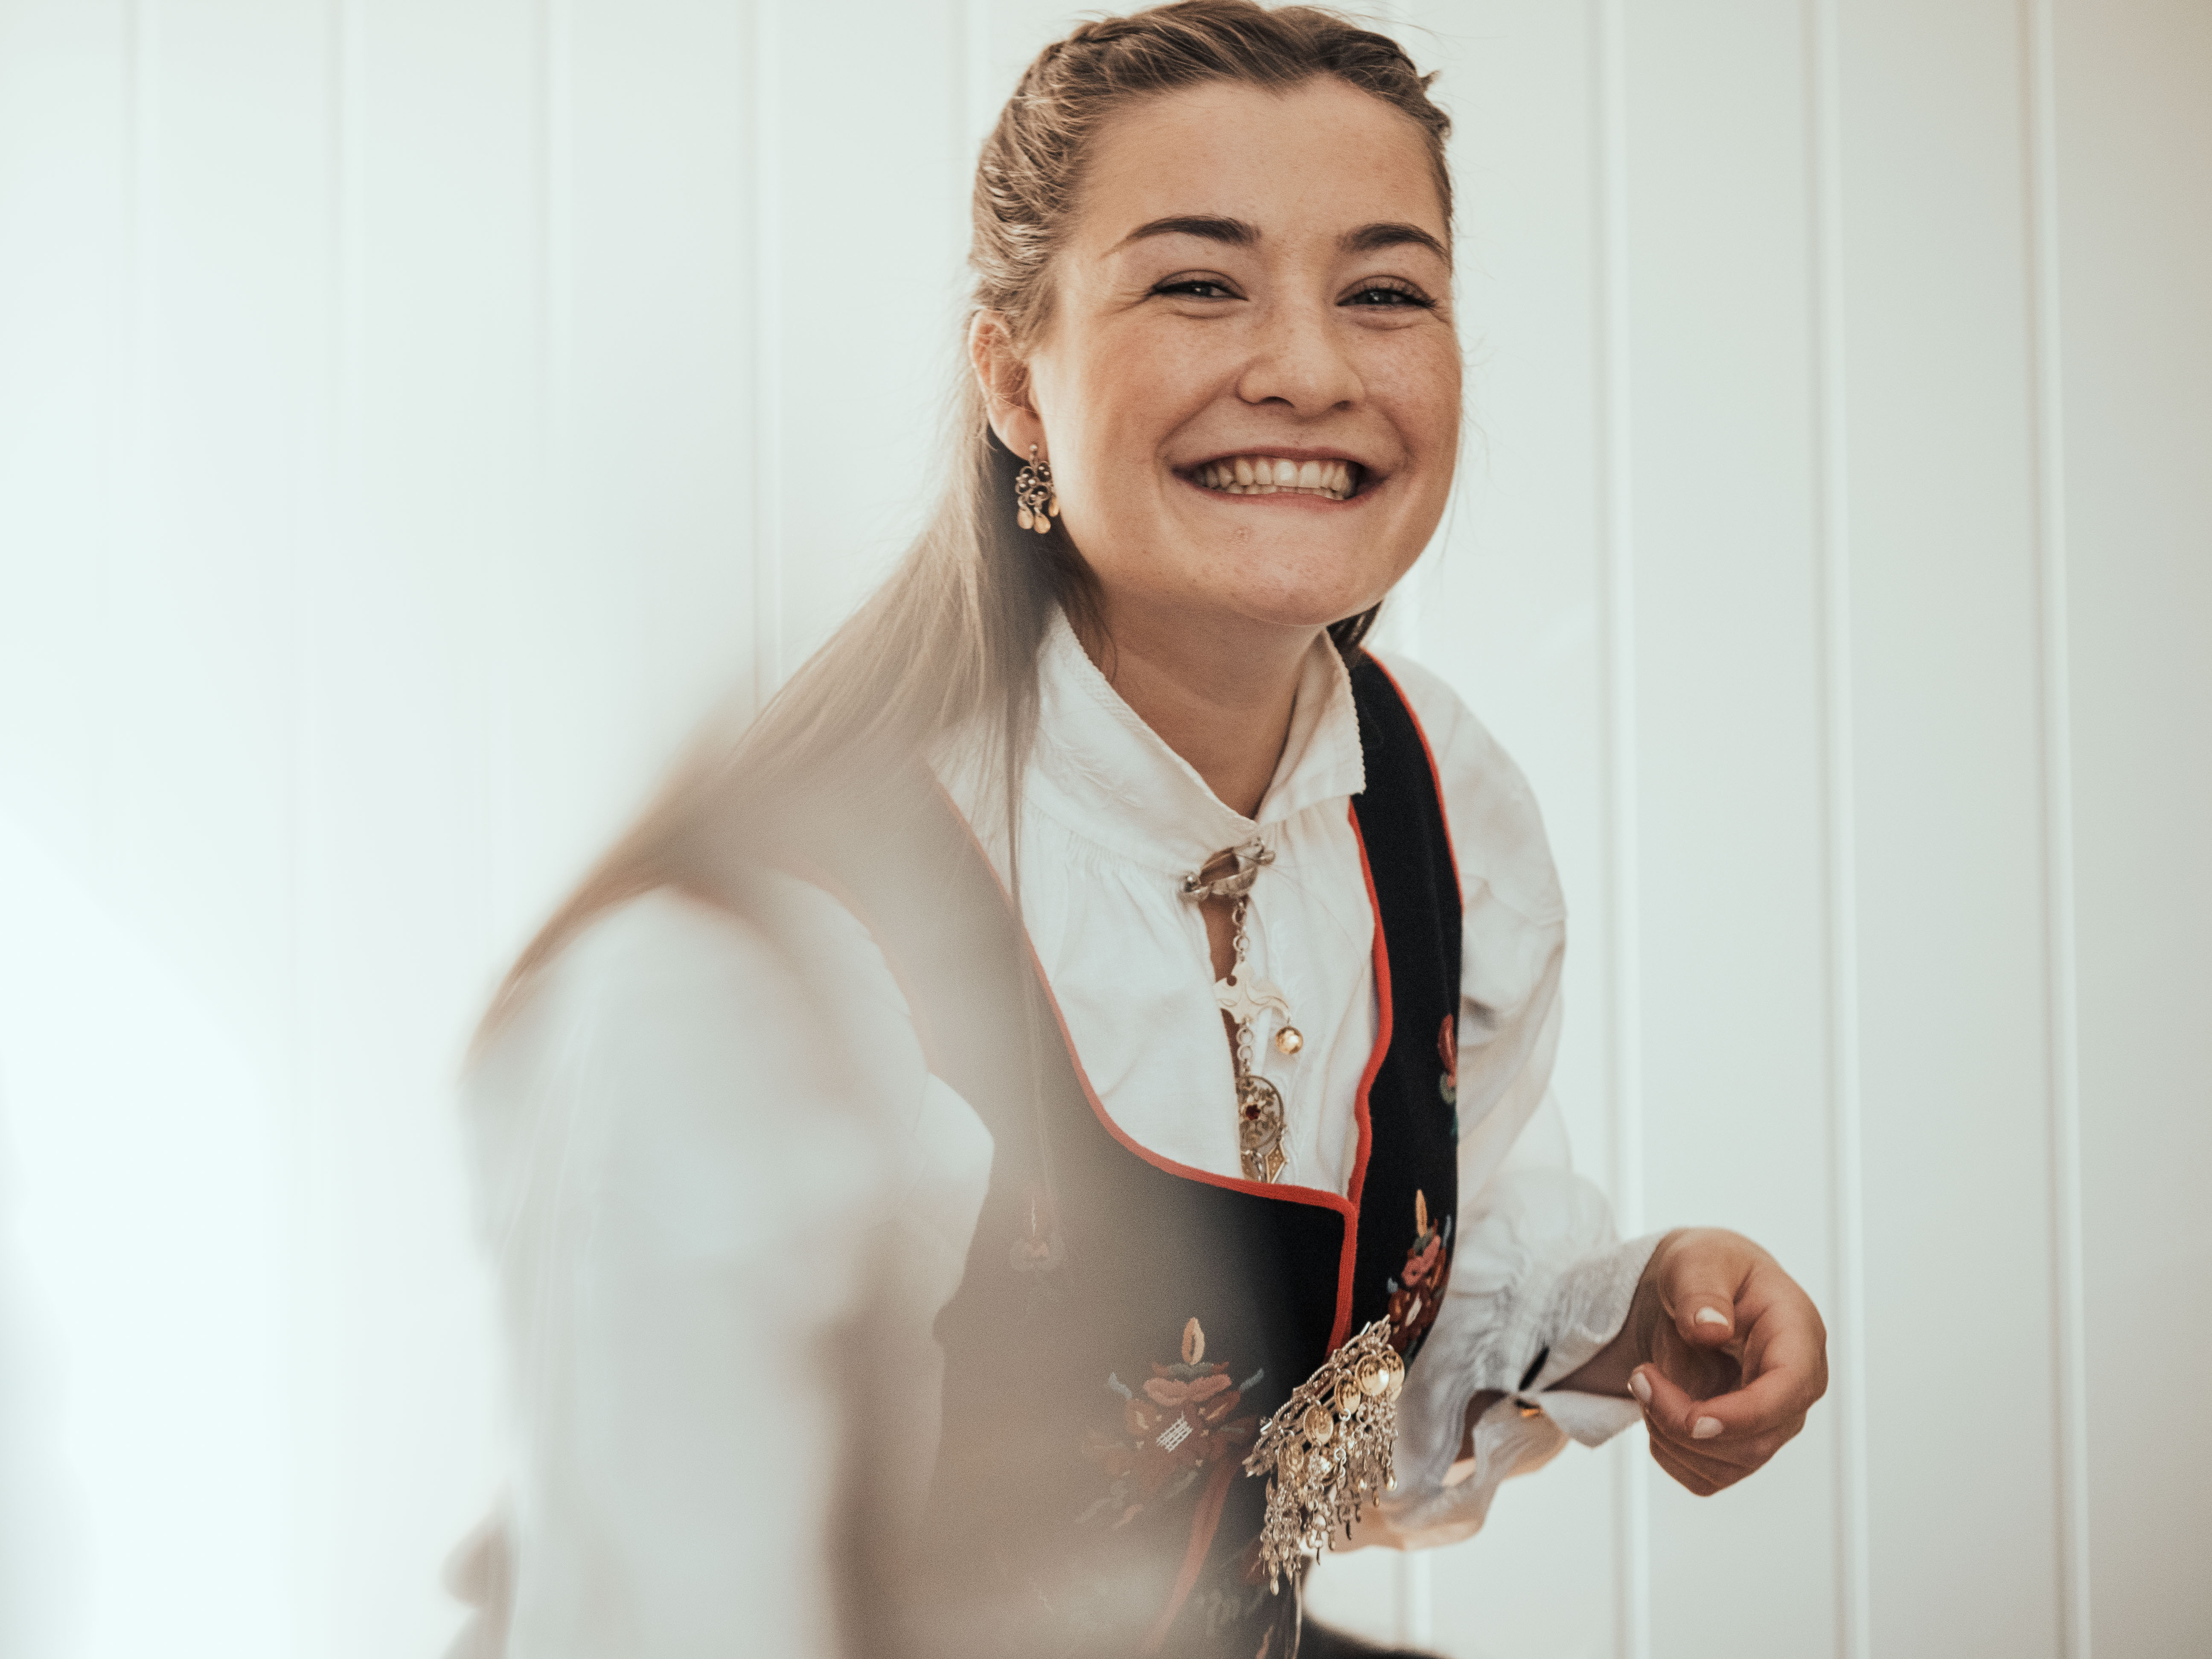 17. Mai 2019 - Smiling woman in bunad